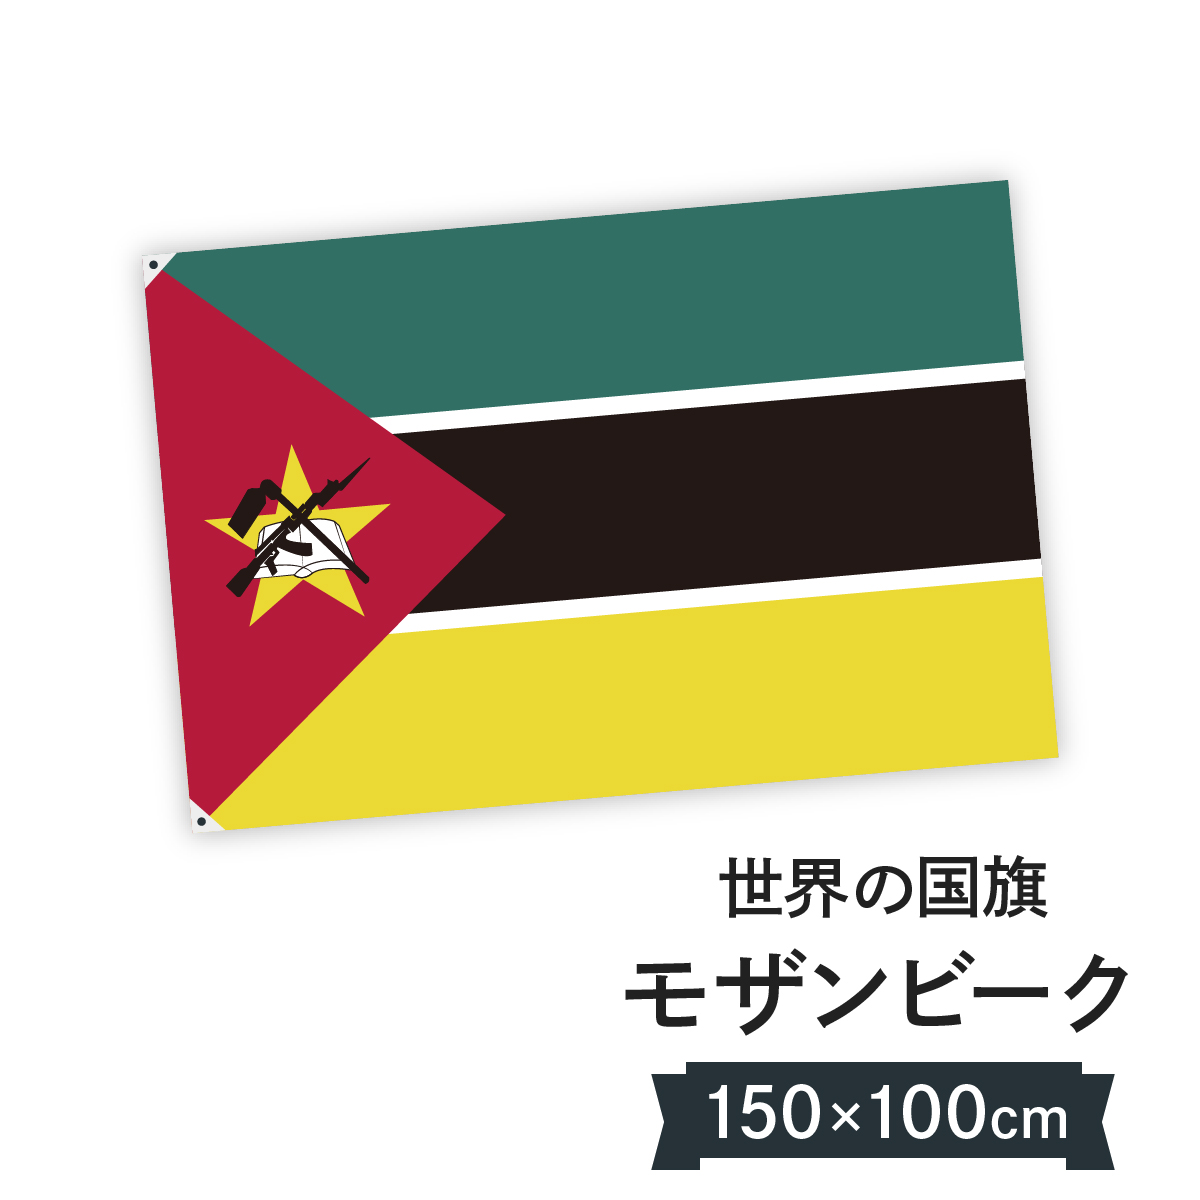 モザンビーク共和国 国旗 W150cm H100cm